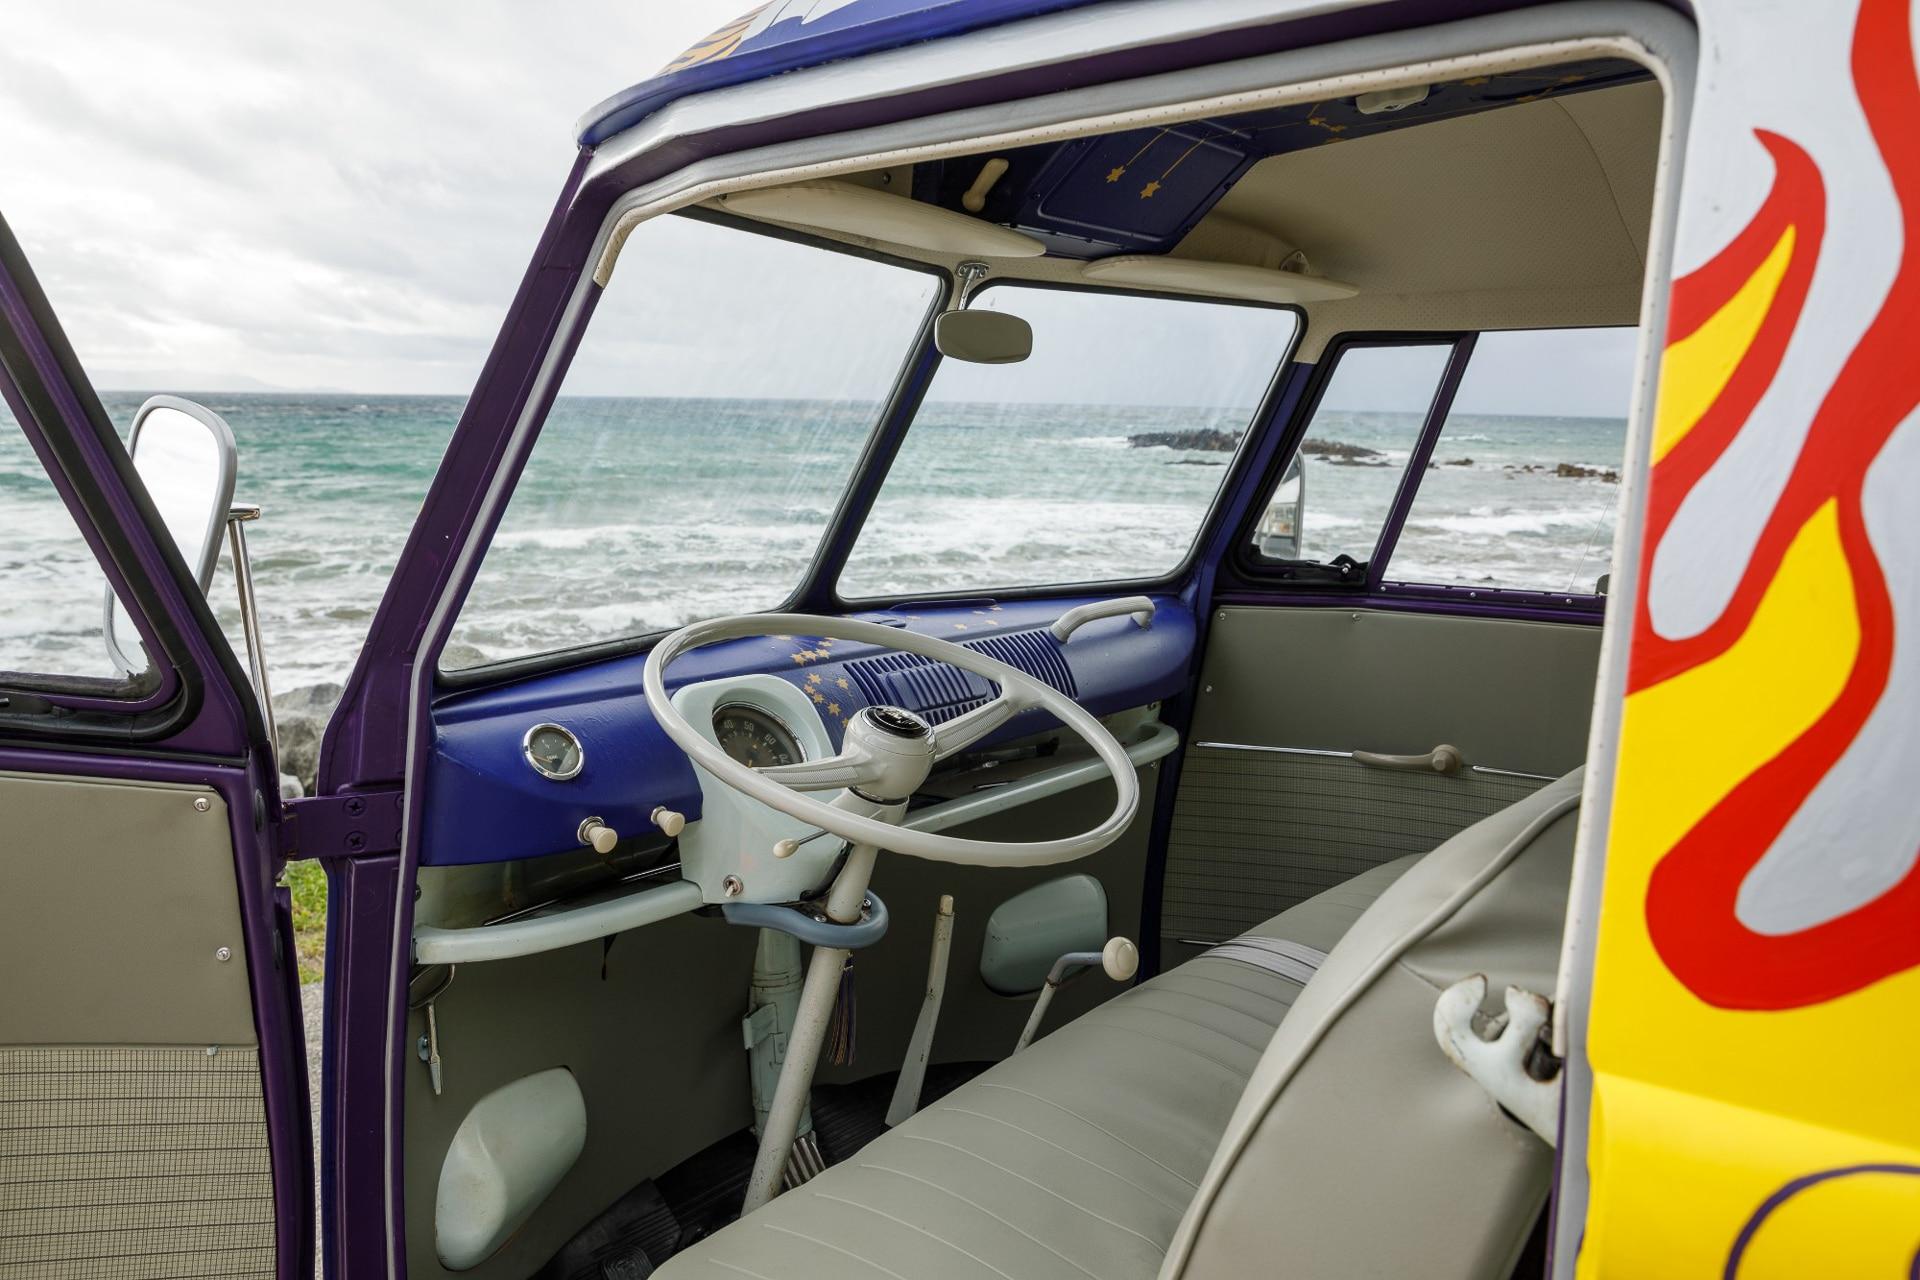 The Woodstock VW Bus 50 ans après - BeCombi-28